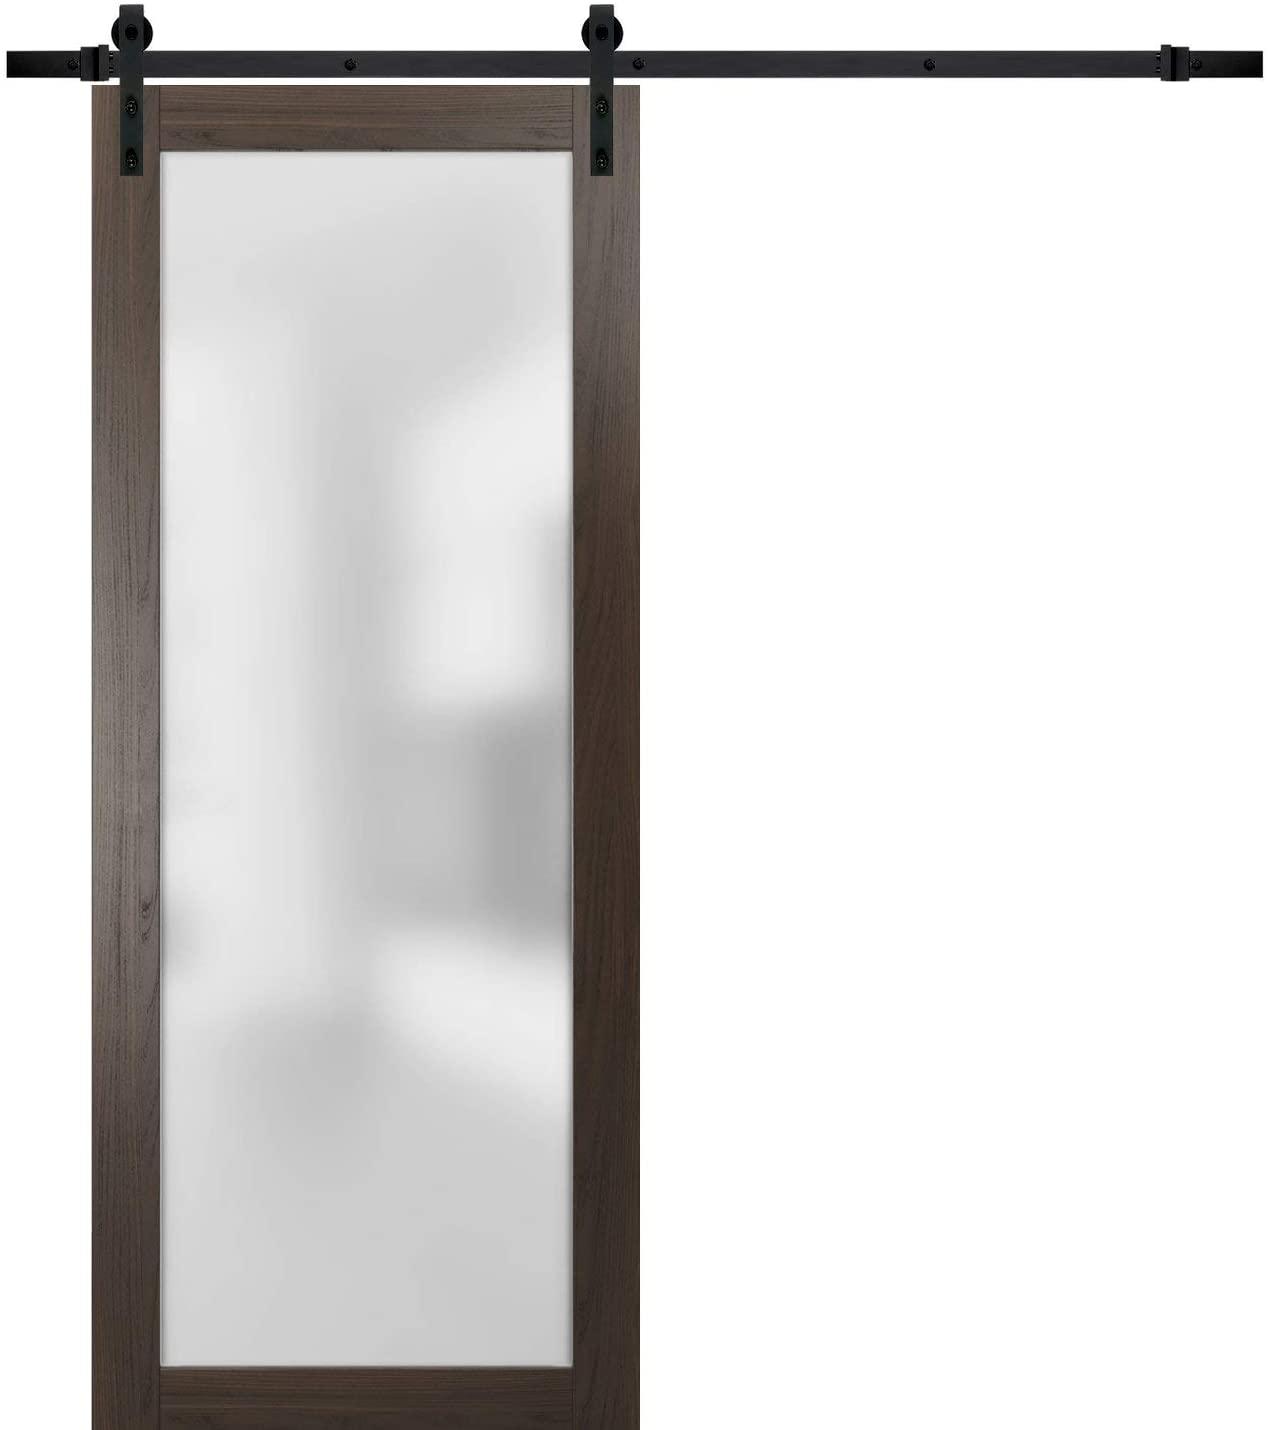 Sliding Barn Lite Glass Door 32 x 80 | Planum 2102 Chocolate Ash | 6.6FT Rail Hangers Stops Hardware Set | Modern Solid Core Interior Door Eco-Veneer